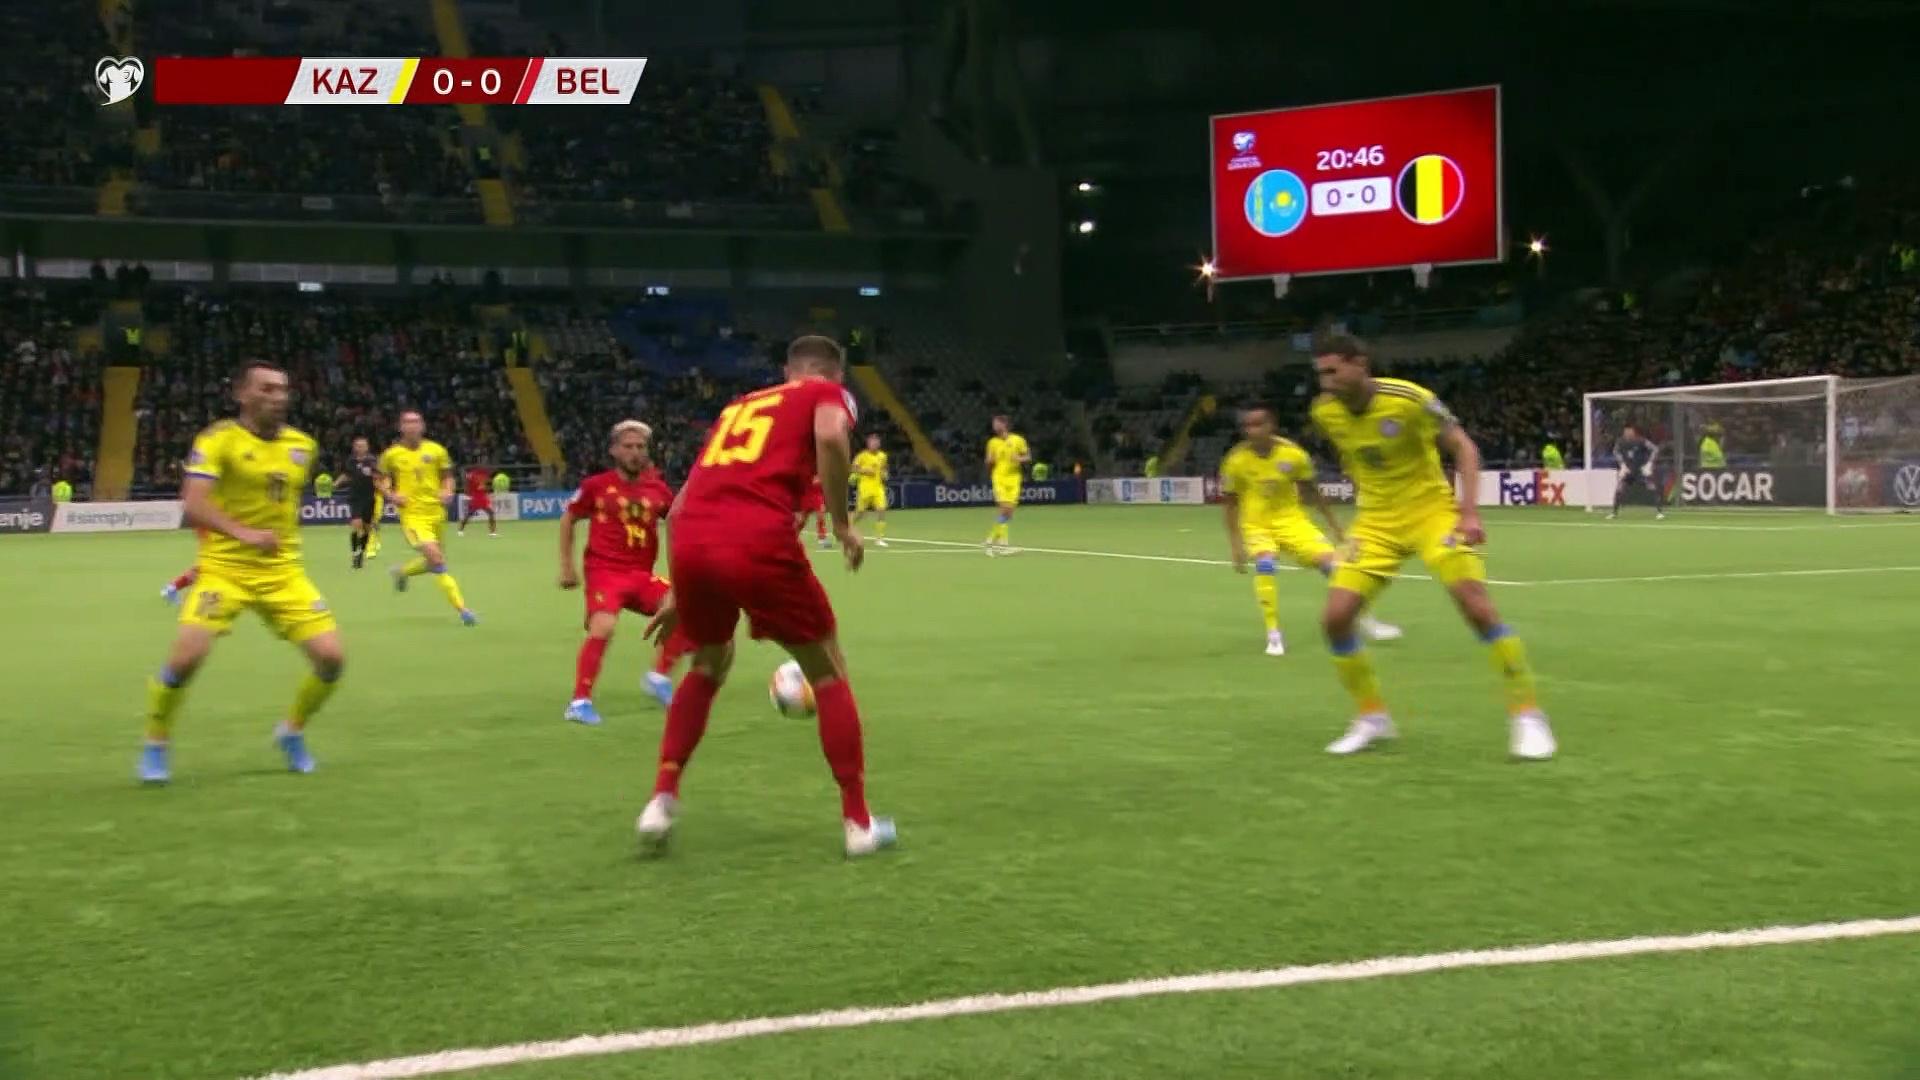 8. Hafta / Kazakistan - Belçika: 0-2 (Özet)